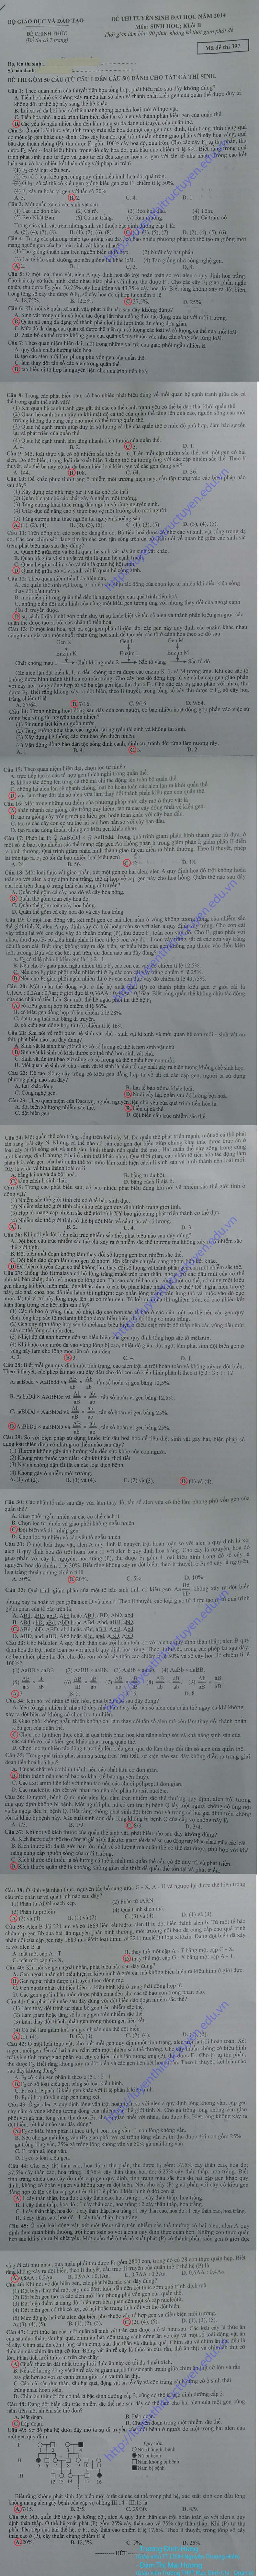 Đề và Đáp án đề thi đại học môn Sinh khối B 2014 - Mã đề 397